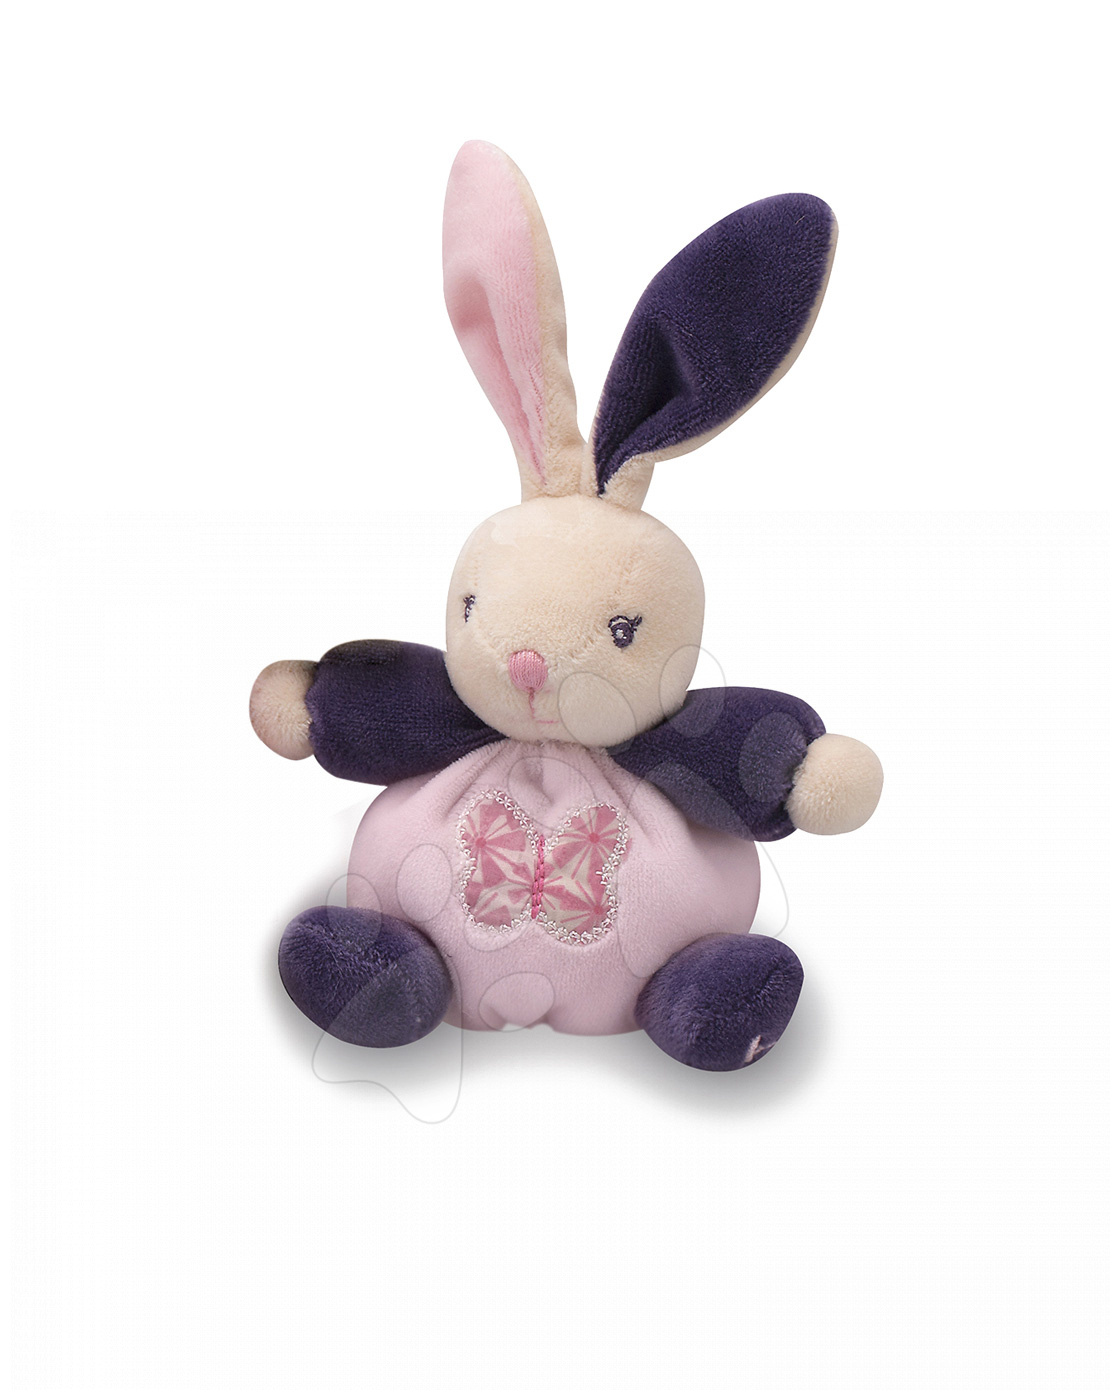 Hračky pre bábätká - Plyšový zajačik Petite Rose-Mini Chubbies Kaloo 12 cm pre najmenších